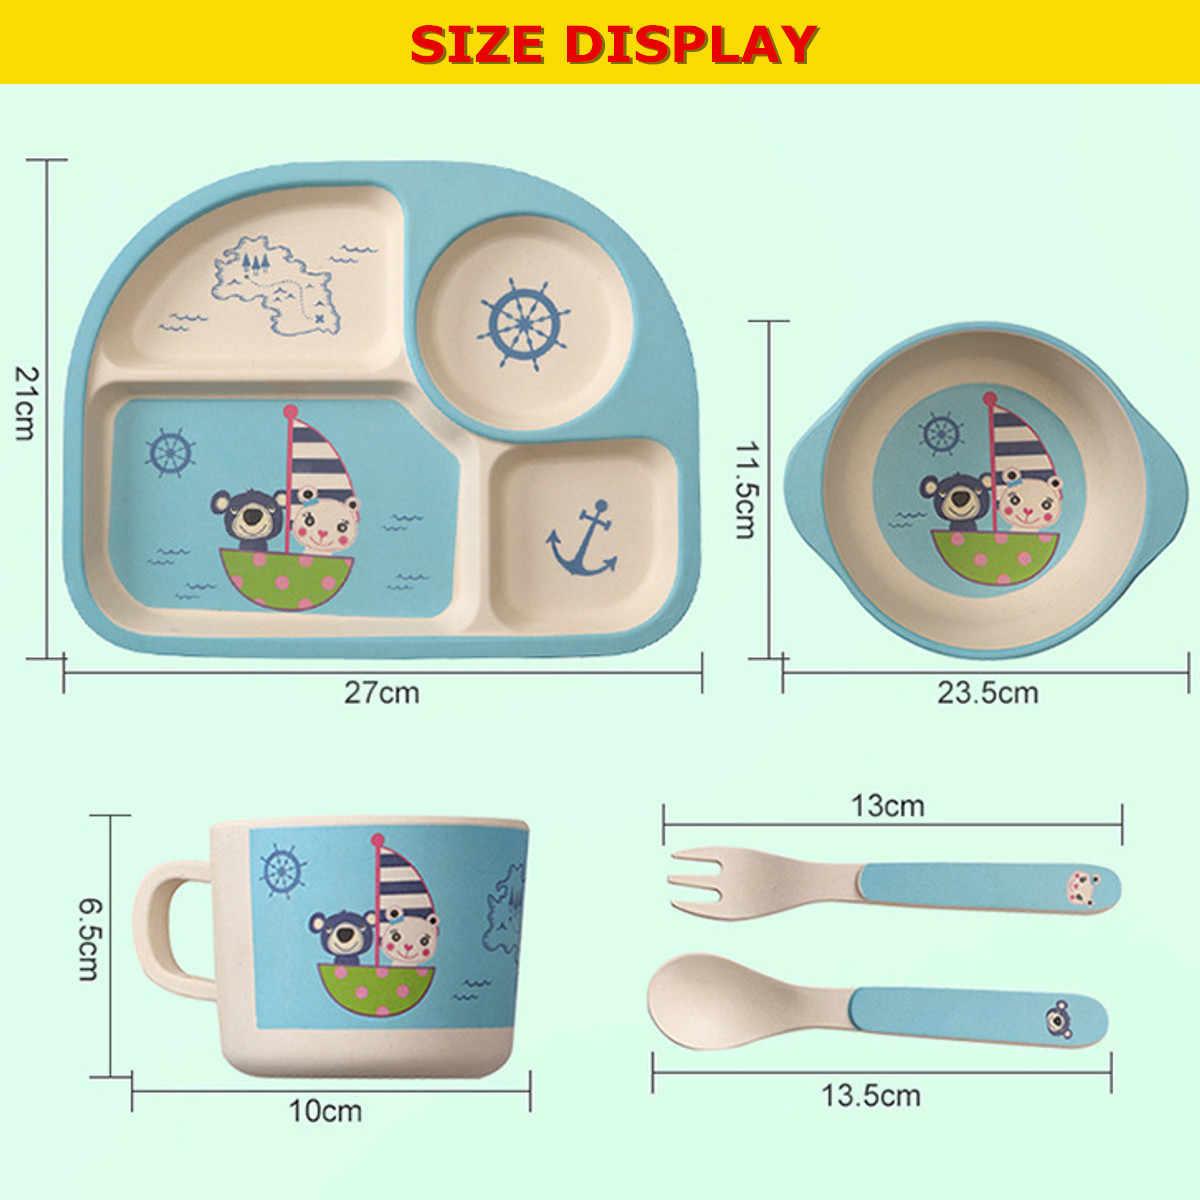 4 สี 5 ชิ้น/เซ็ต Baby Feeding ชามจานช้อนส้อมถ้วยเด็กไม้ไผ่เส้นใยการ์ตูนแยกแผ่นให้อาหาร